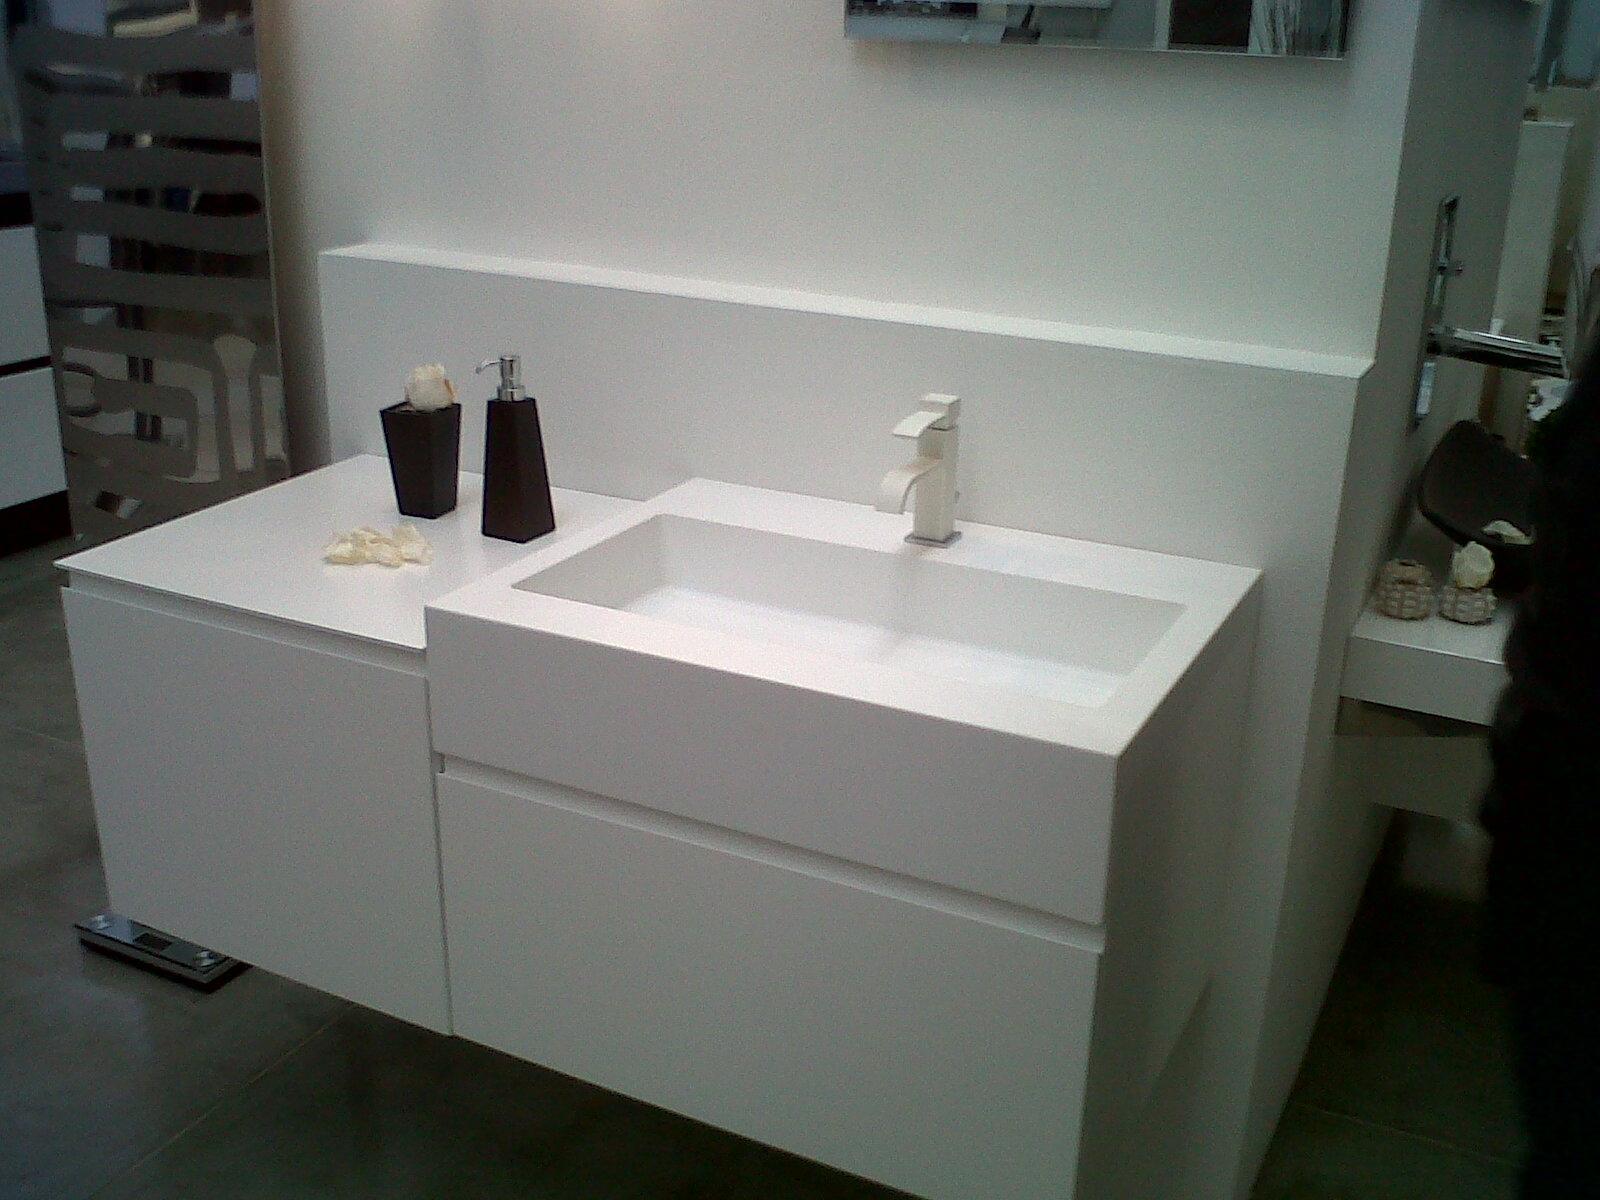 Arlex mobile nuovo in offerta scontatissimo arredo bagno - Bagno nuovo prezzi ...